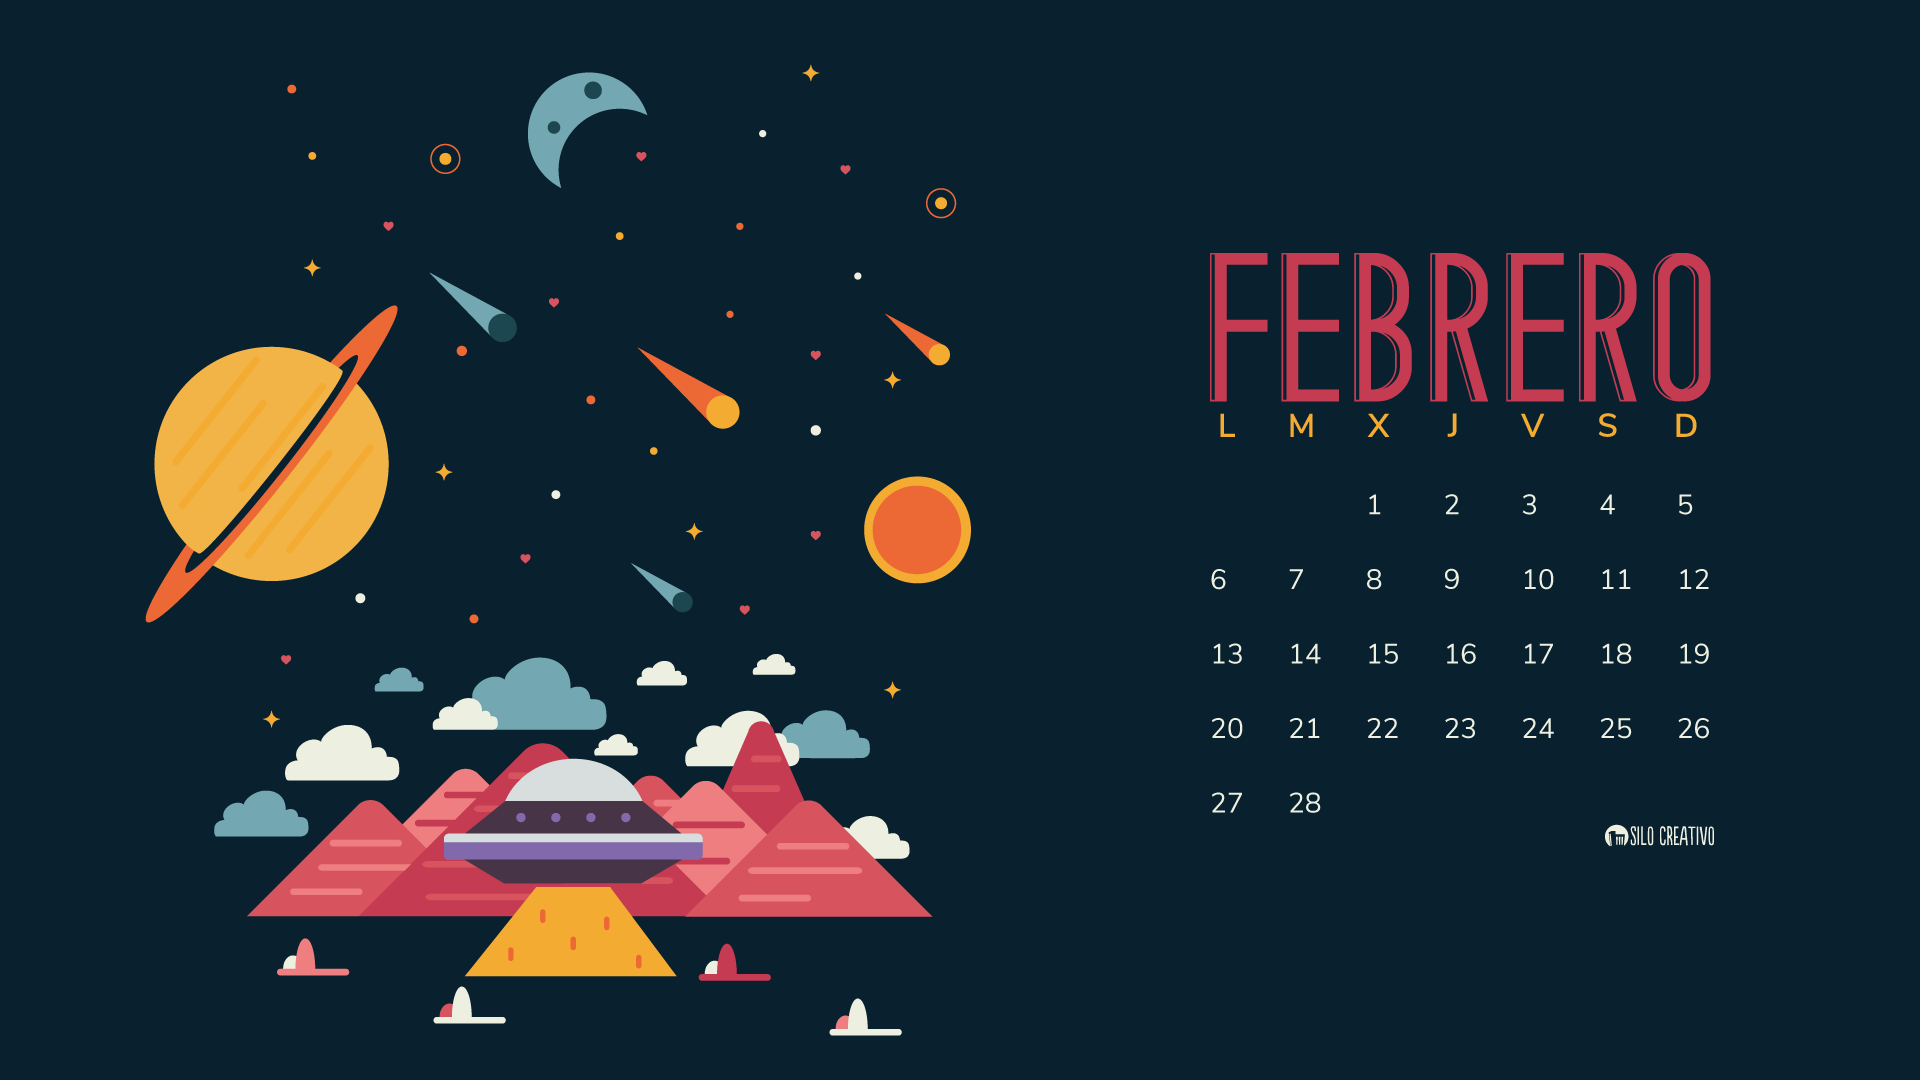 Calendar Wallpaper For Windows : Calendario descargable febrero silo creativo